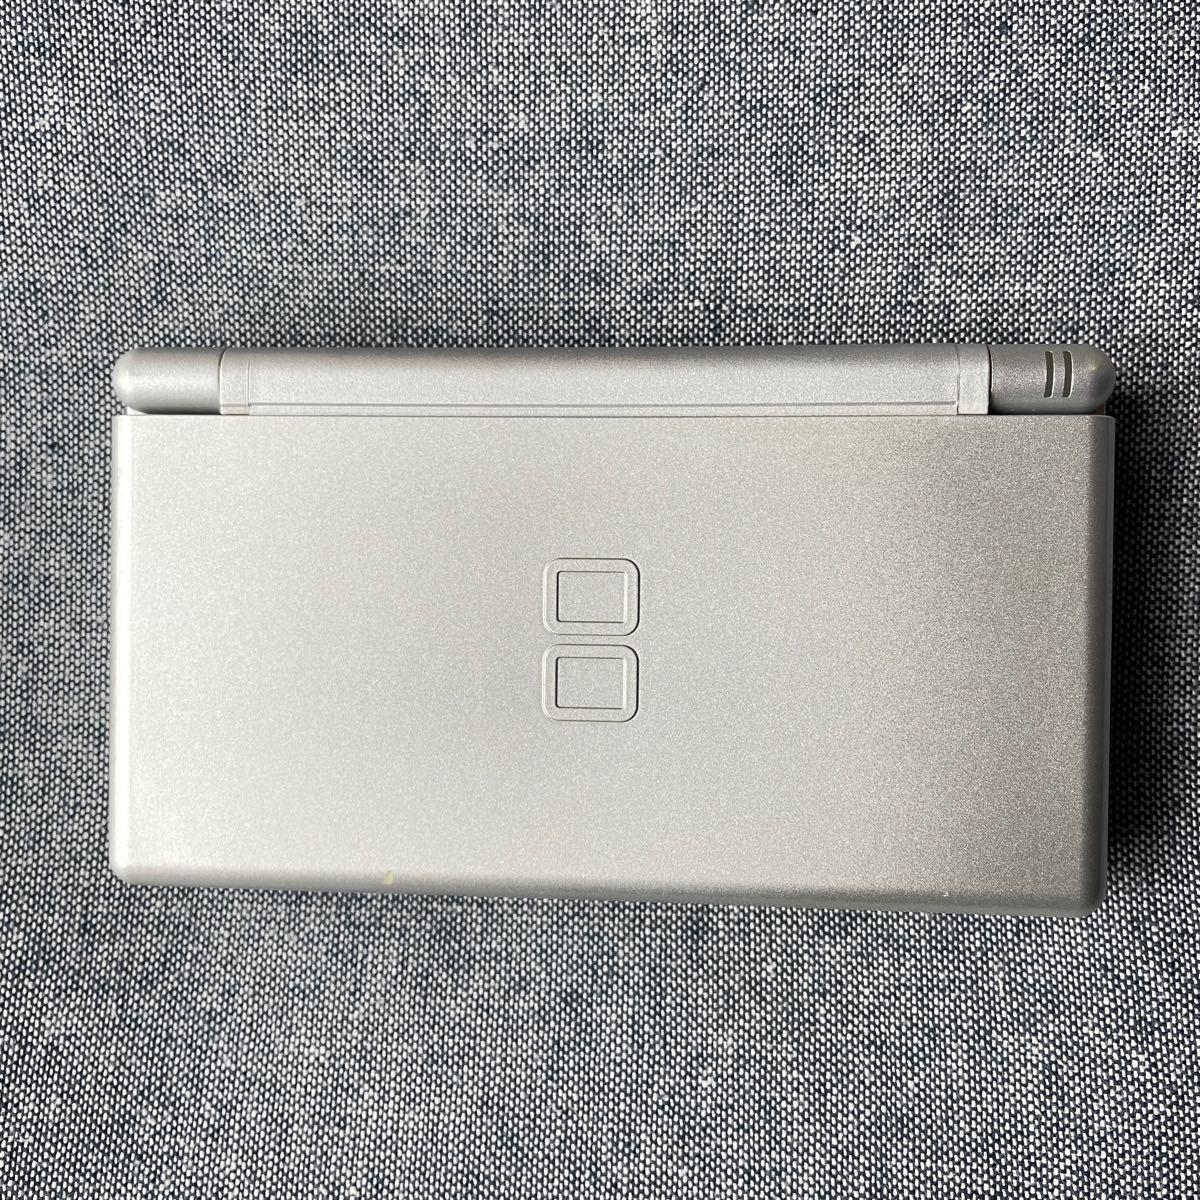 ニンテンドーDS Lite (グロスシルバー)本体【箱・袋・充電器・タッチペン・説明書あり】